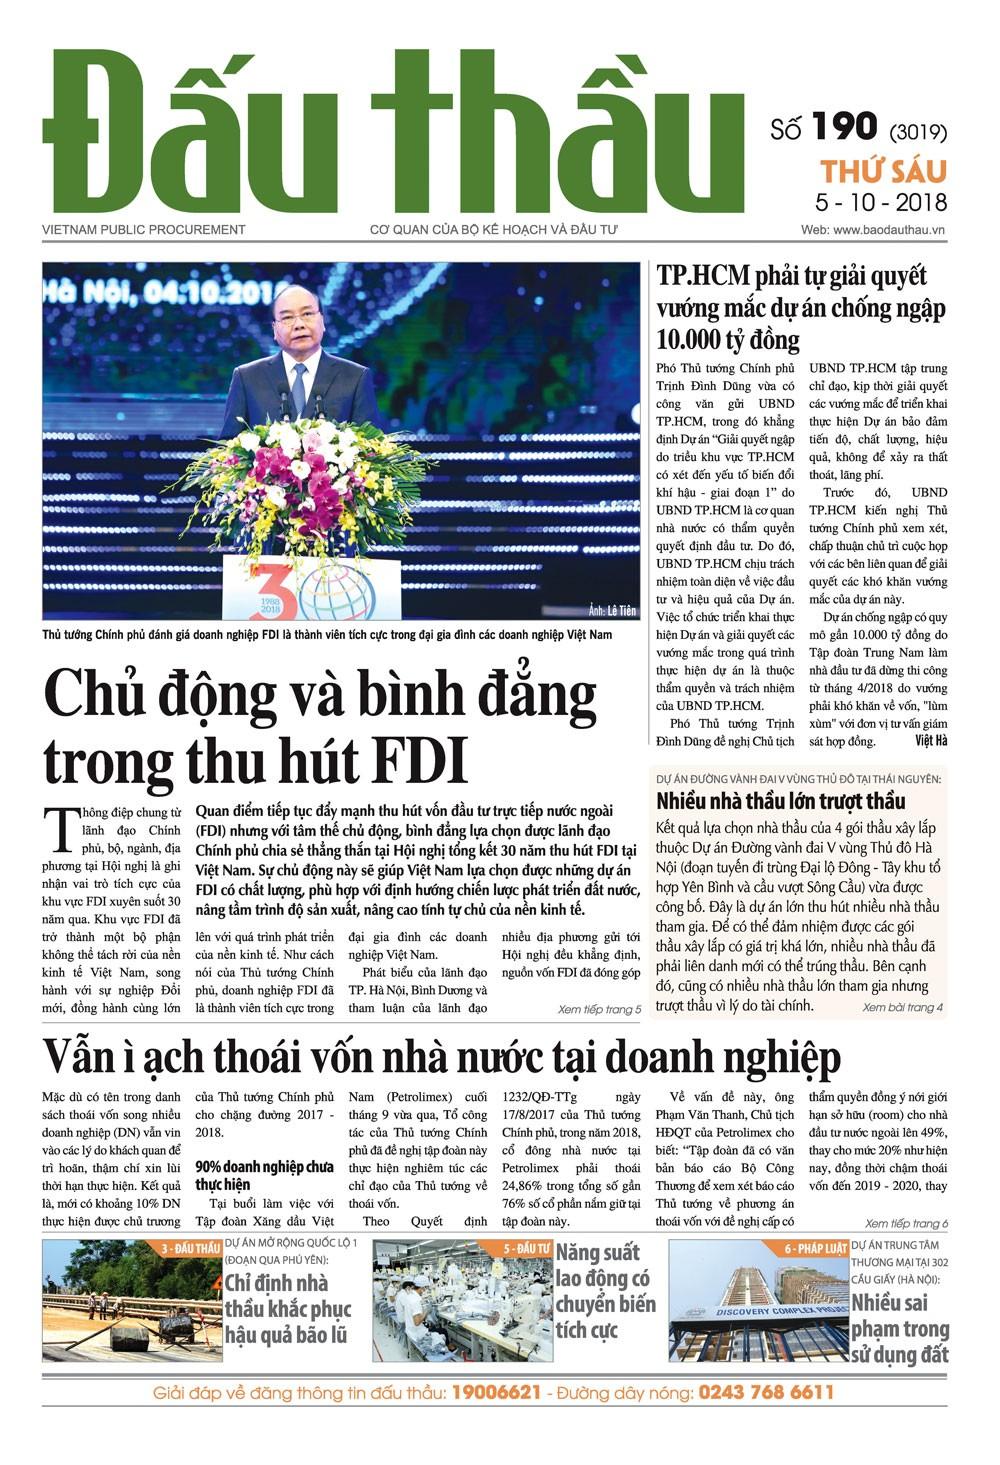 Báo Đấu thầu số 190 ra ngày 5/10/2018